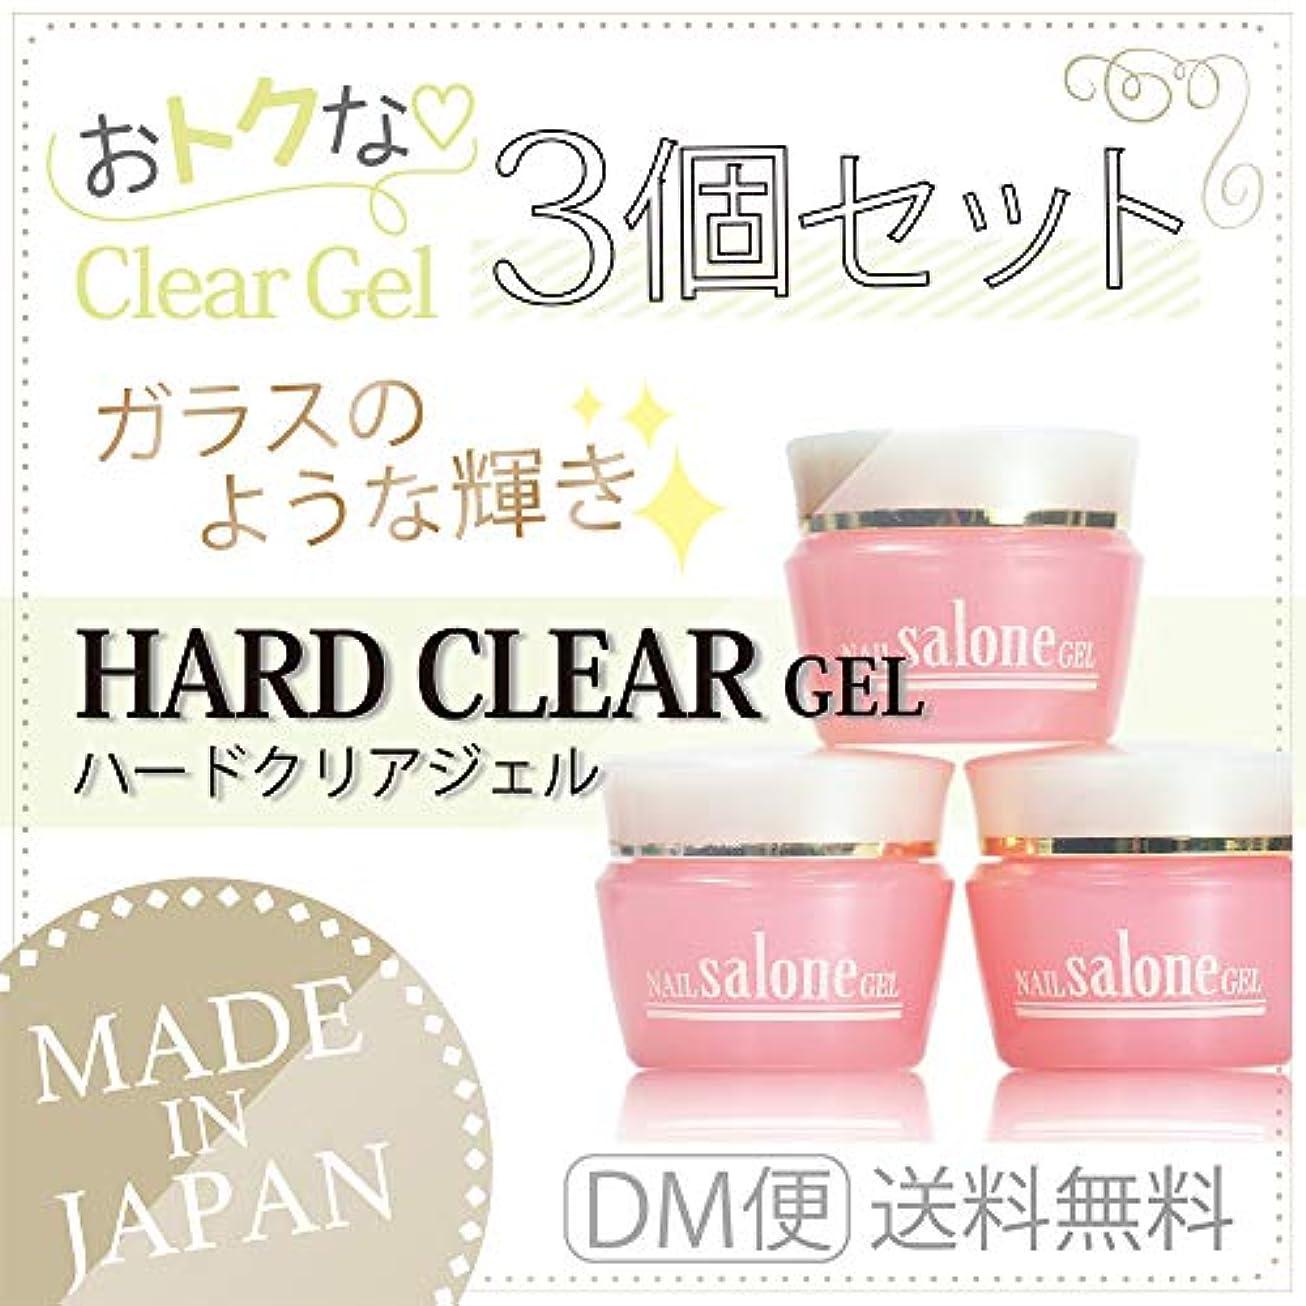 Salone gel サローネハードクリアージェル 3g お得な3個セット ツヤツヤ キラキラ感持続 抜群のツヤ